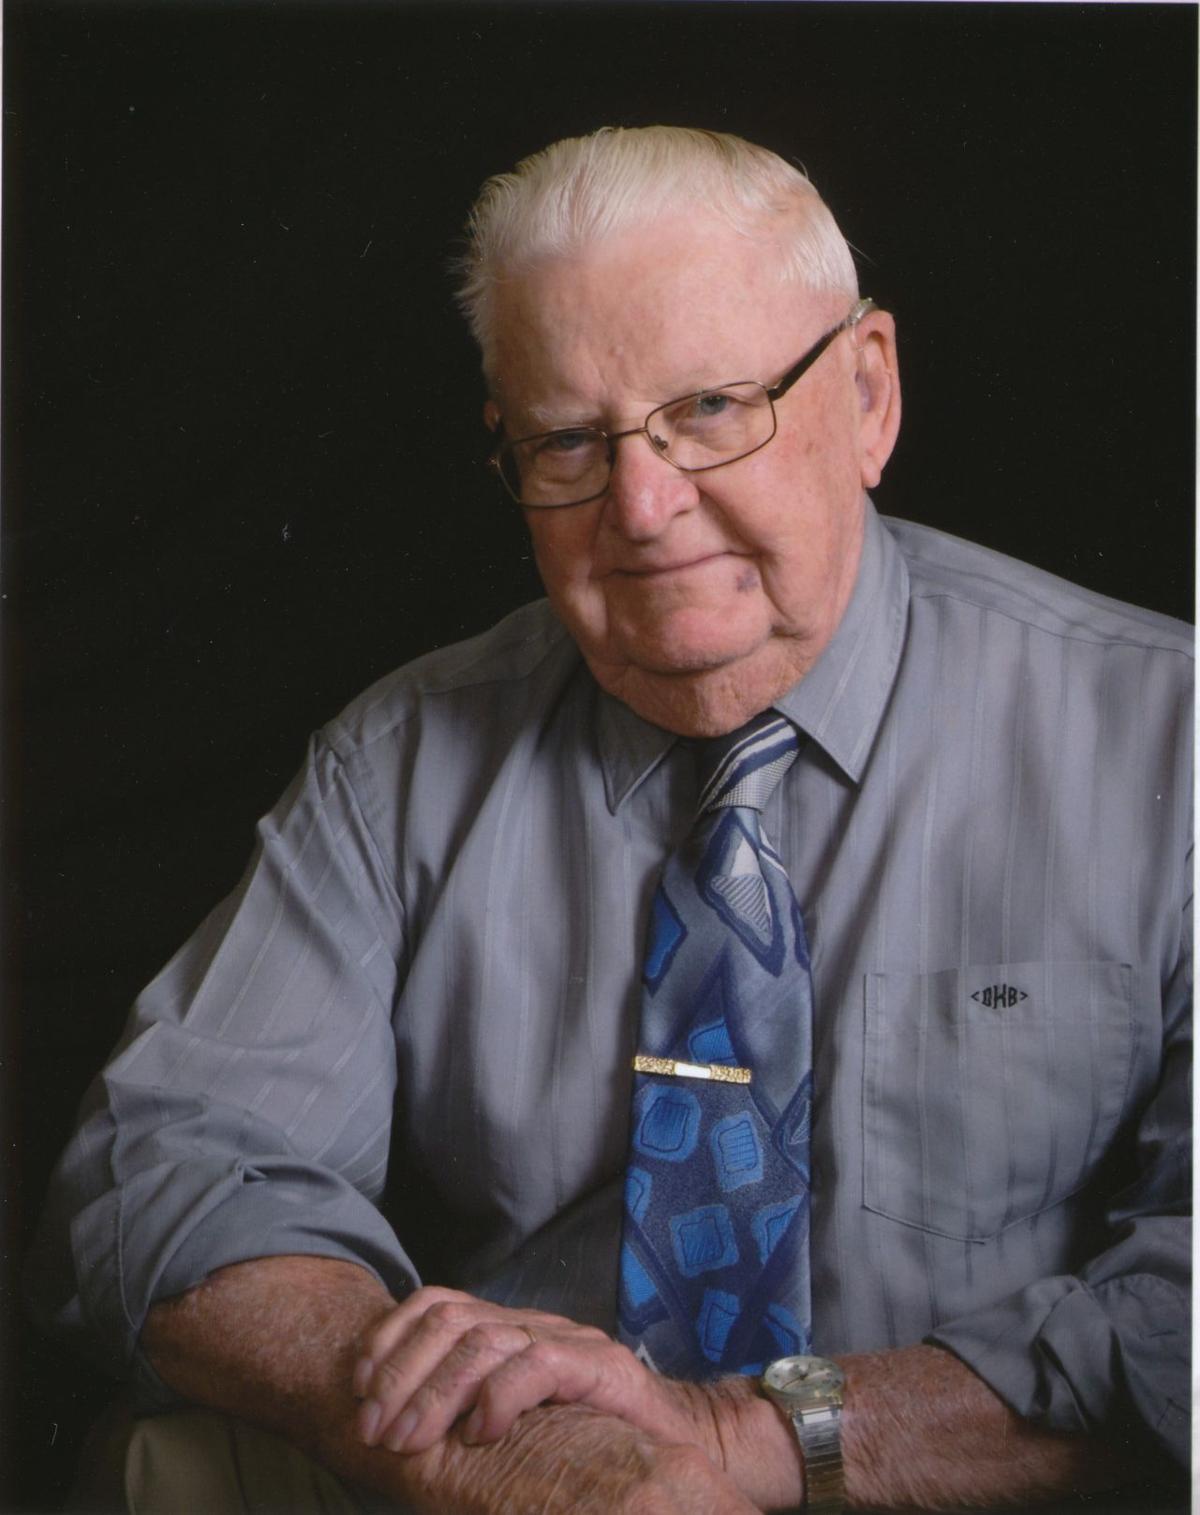 Dennis Kreikemeier